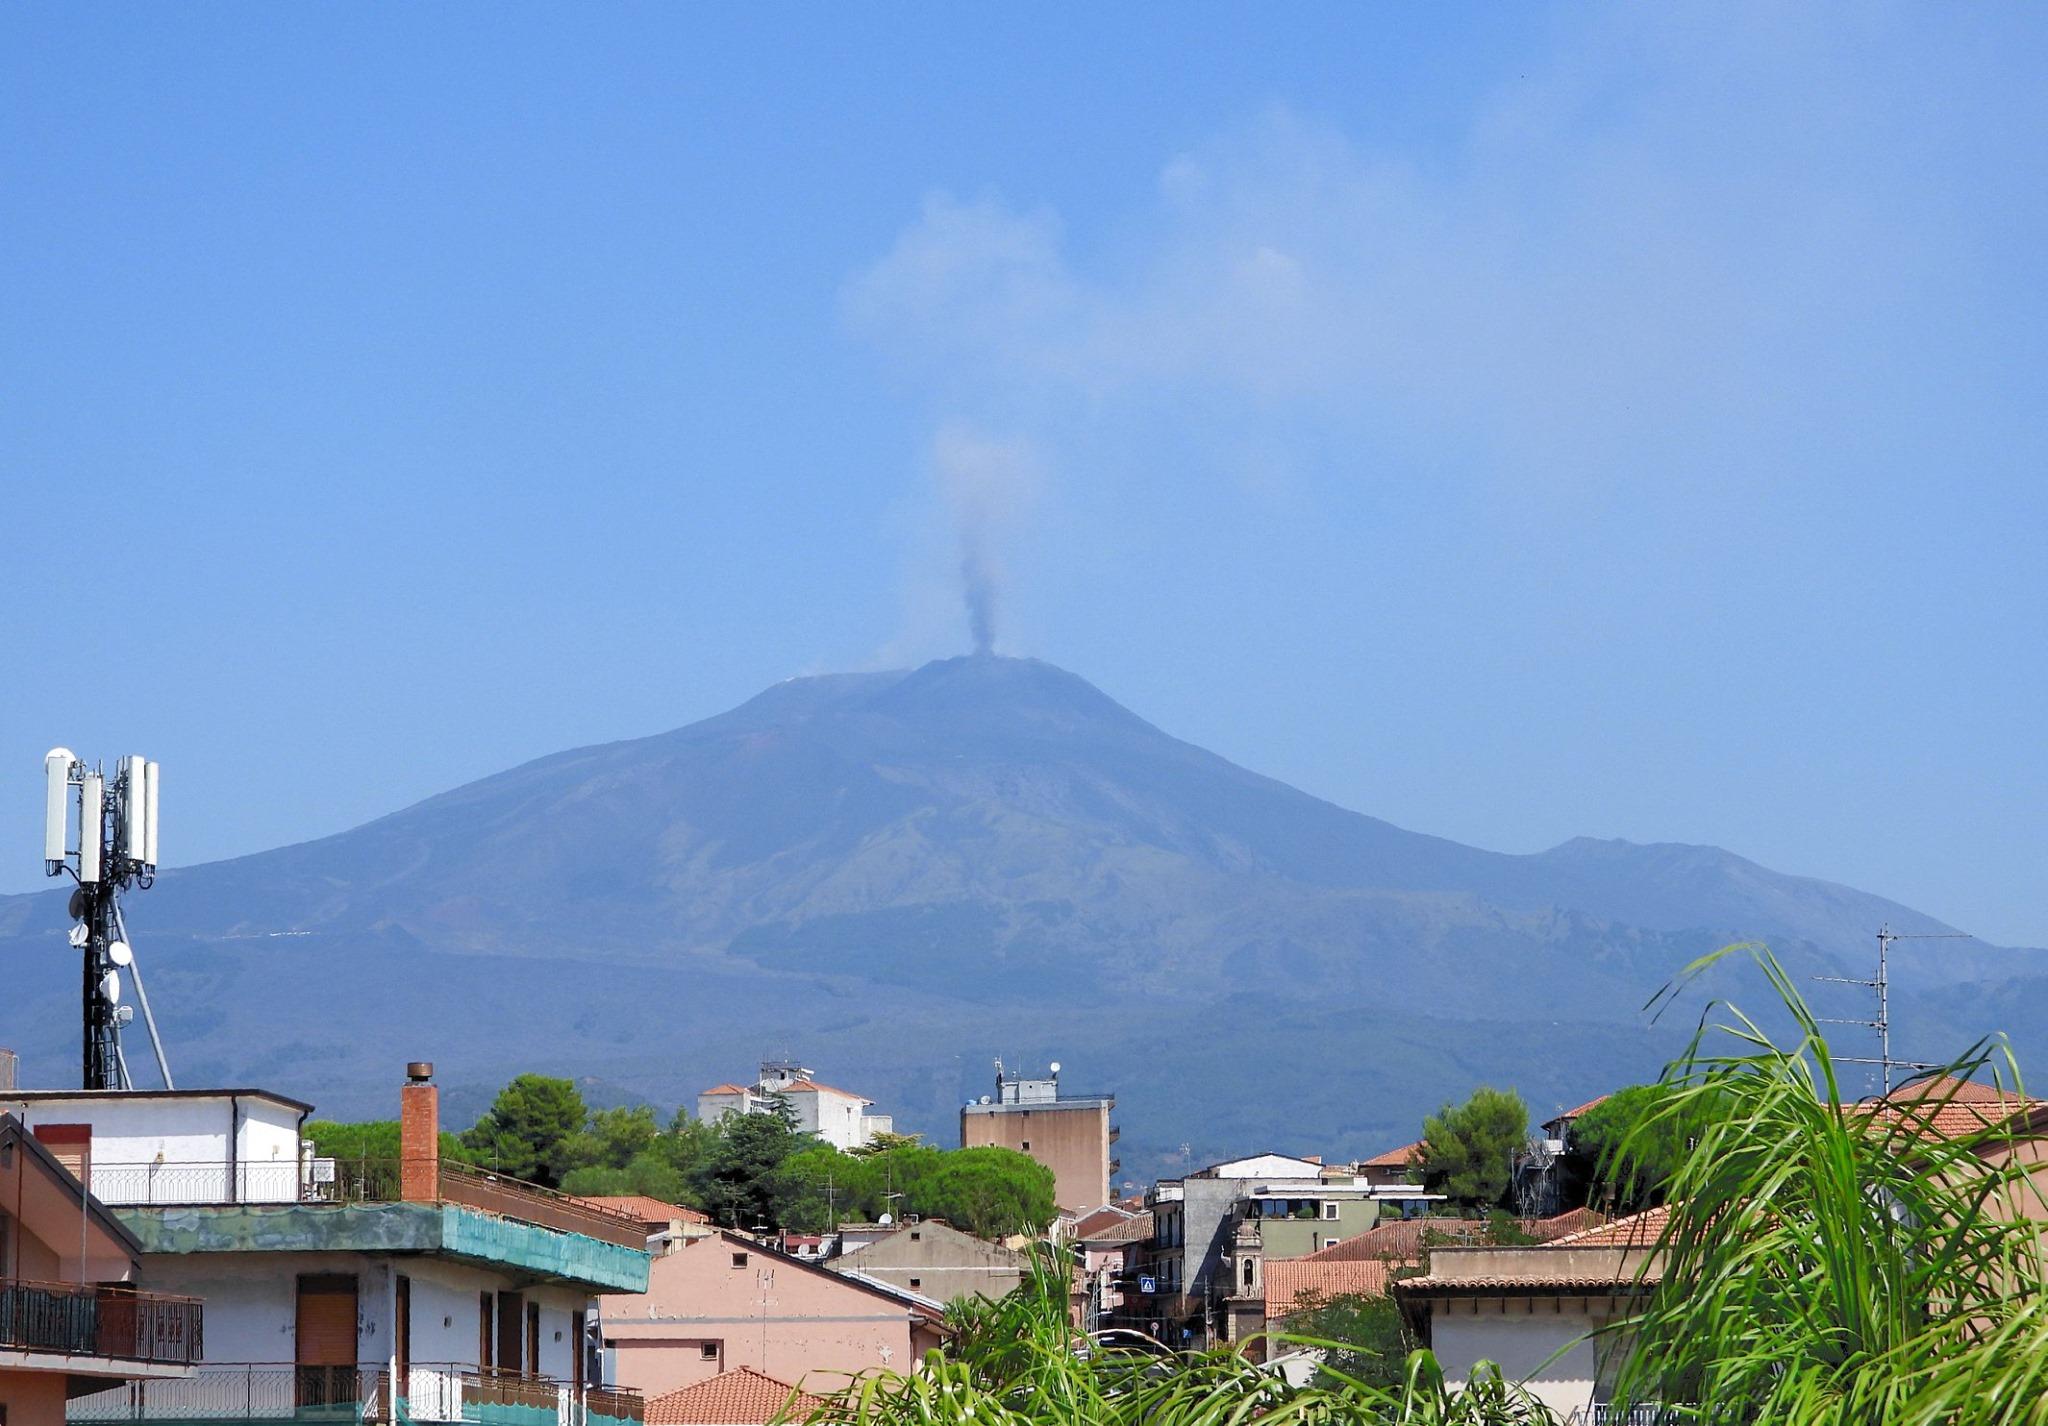 L'Etna cattura gli sguardi: l'attività stromboliana illumina il cielo sopra Catania